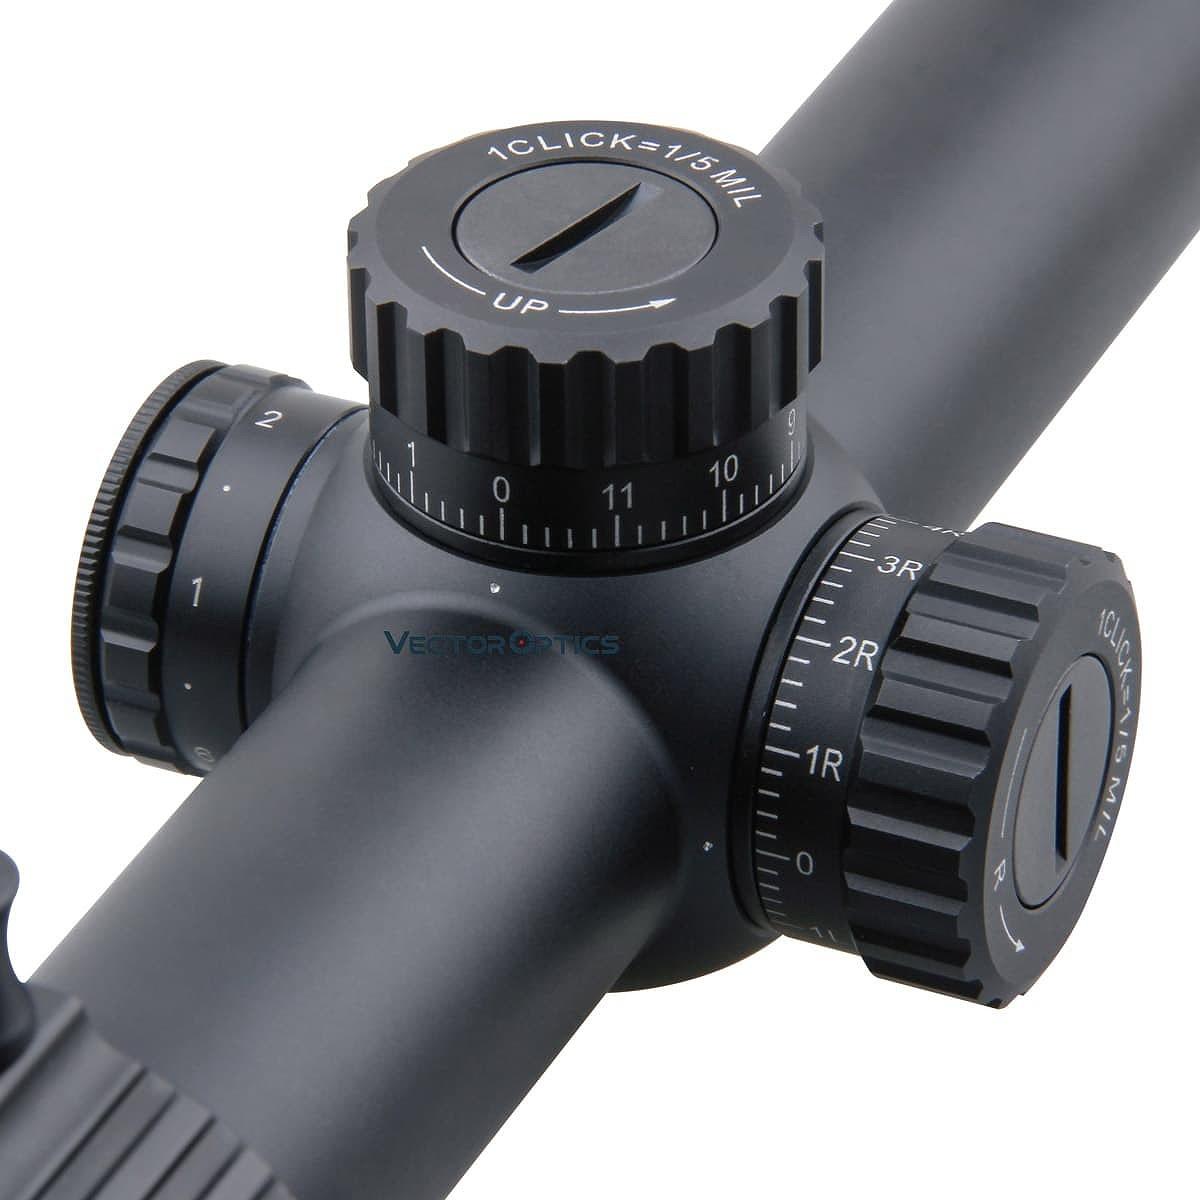 ベクターオプティクス ライフルスコープ Taurus 1-6x24  Vector Optics SCFF-27